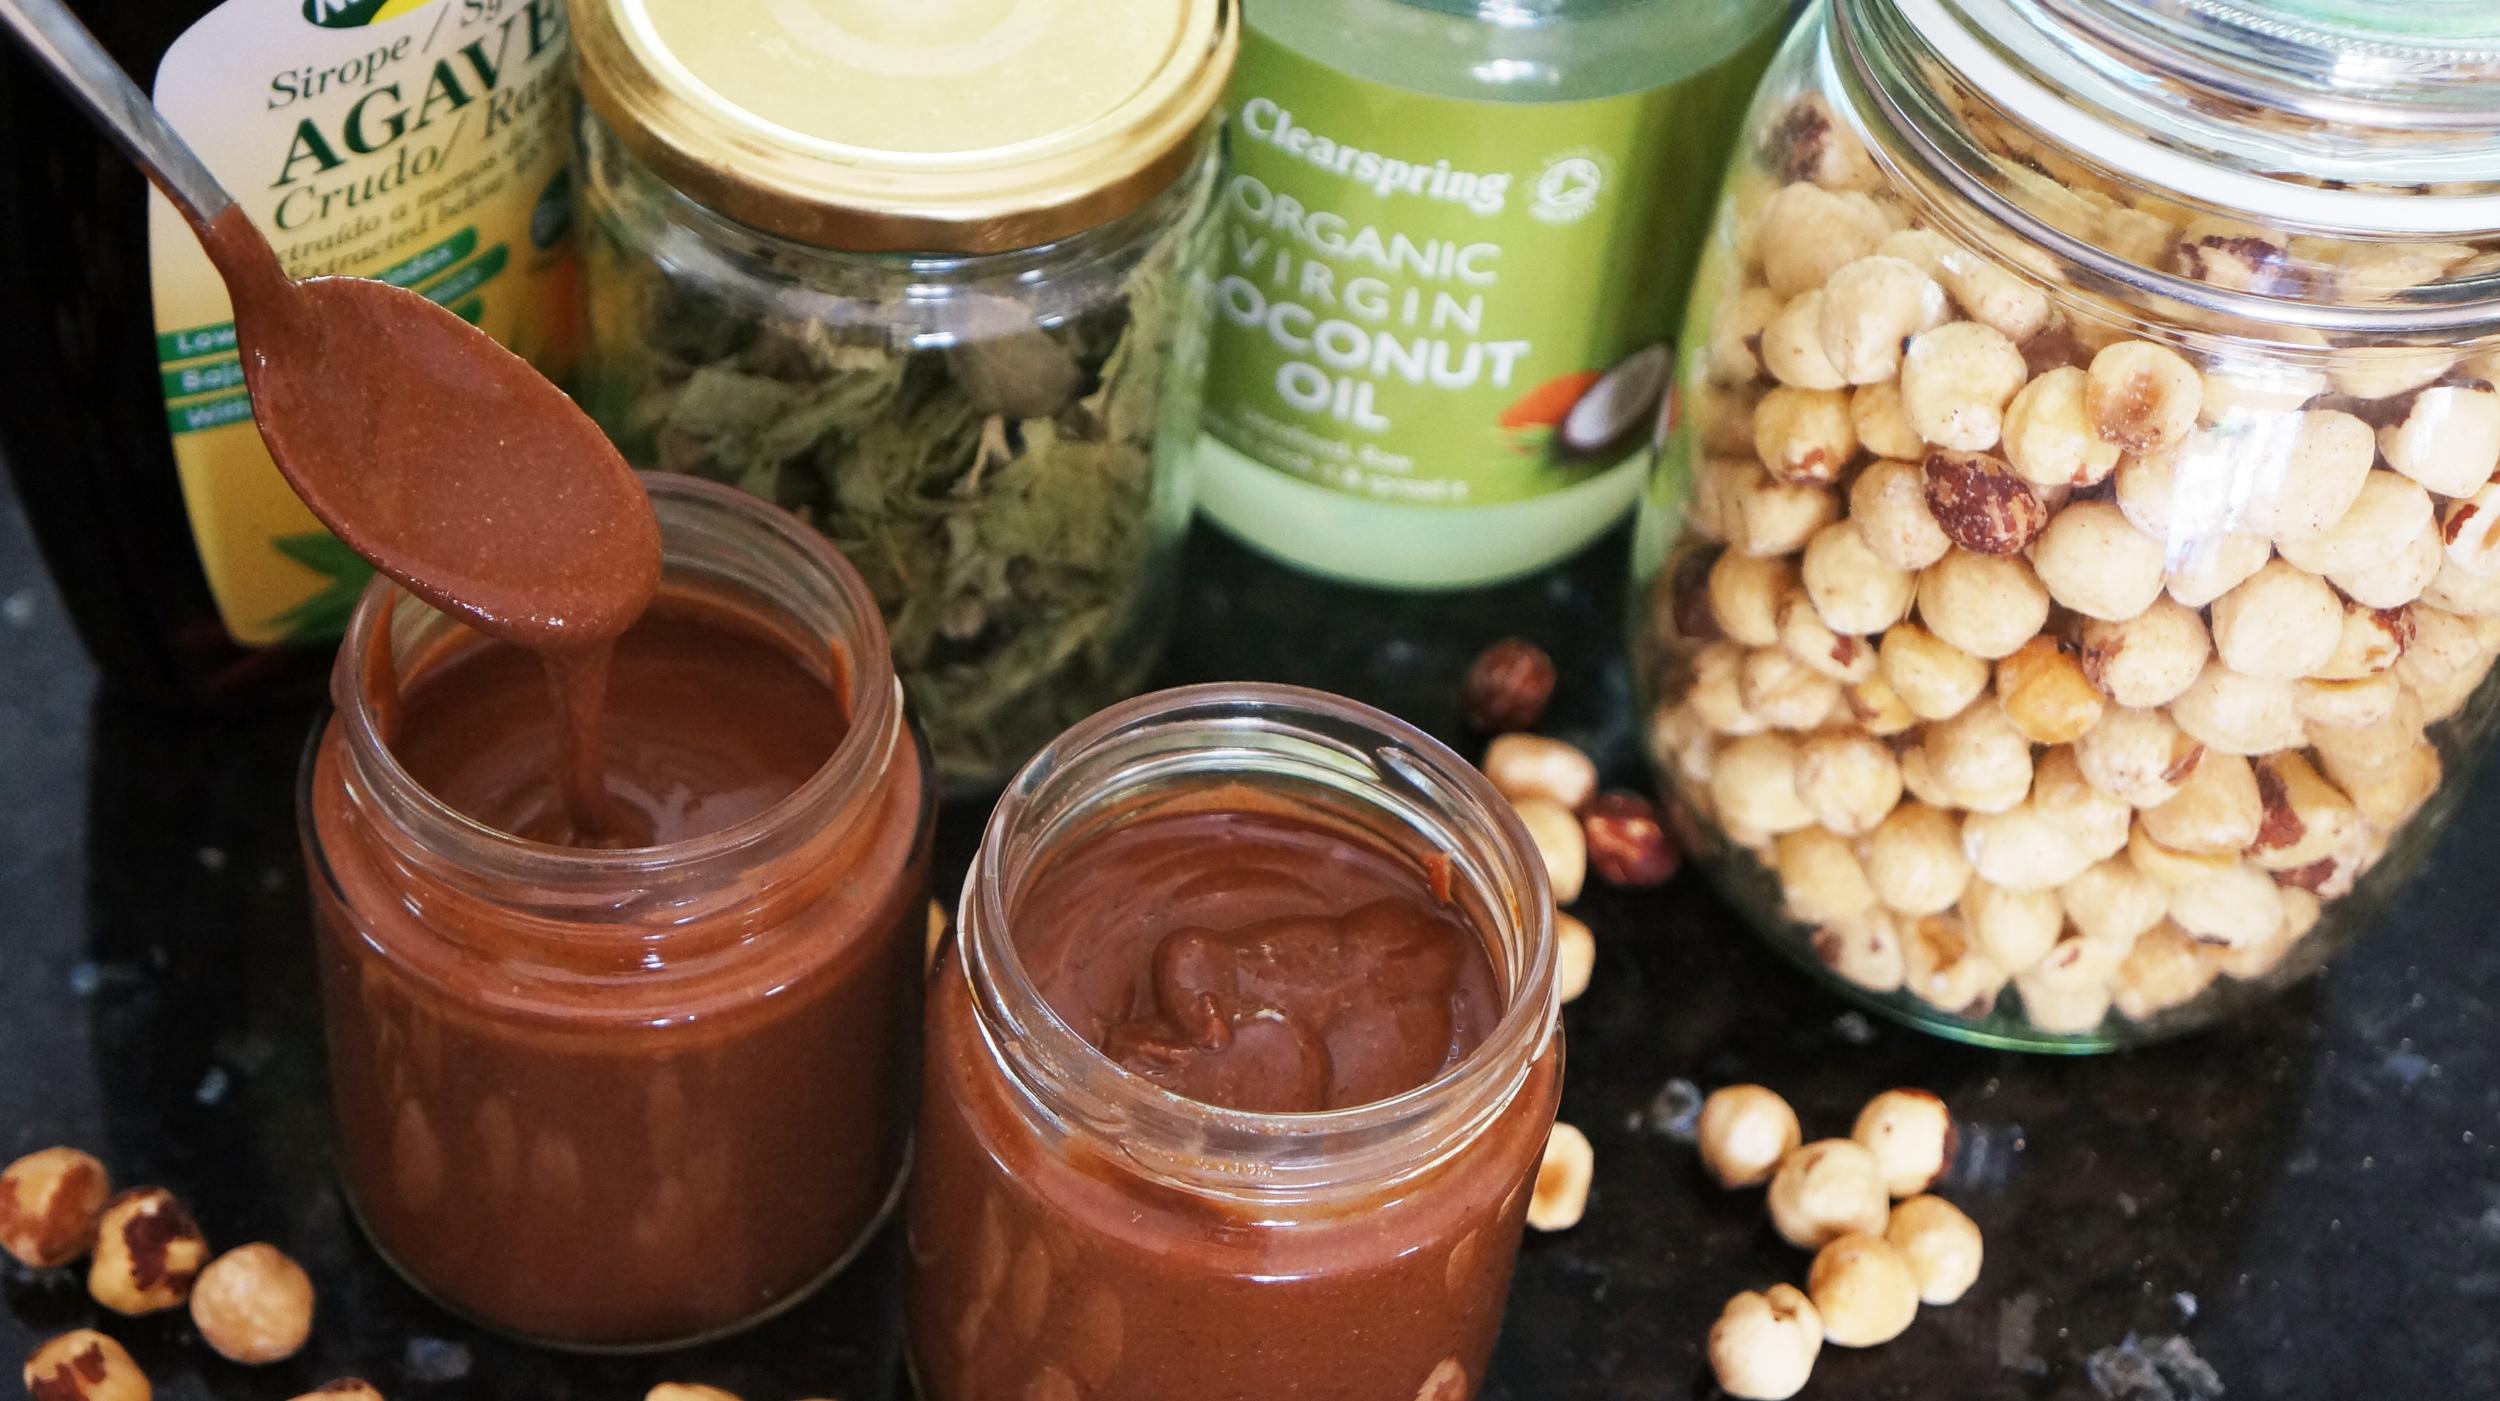 Pueden sustituir la Stevia con Agave o Miel de Maple si prefieren